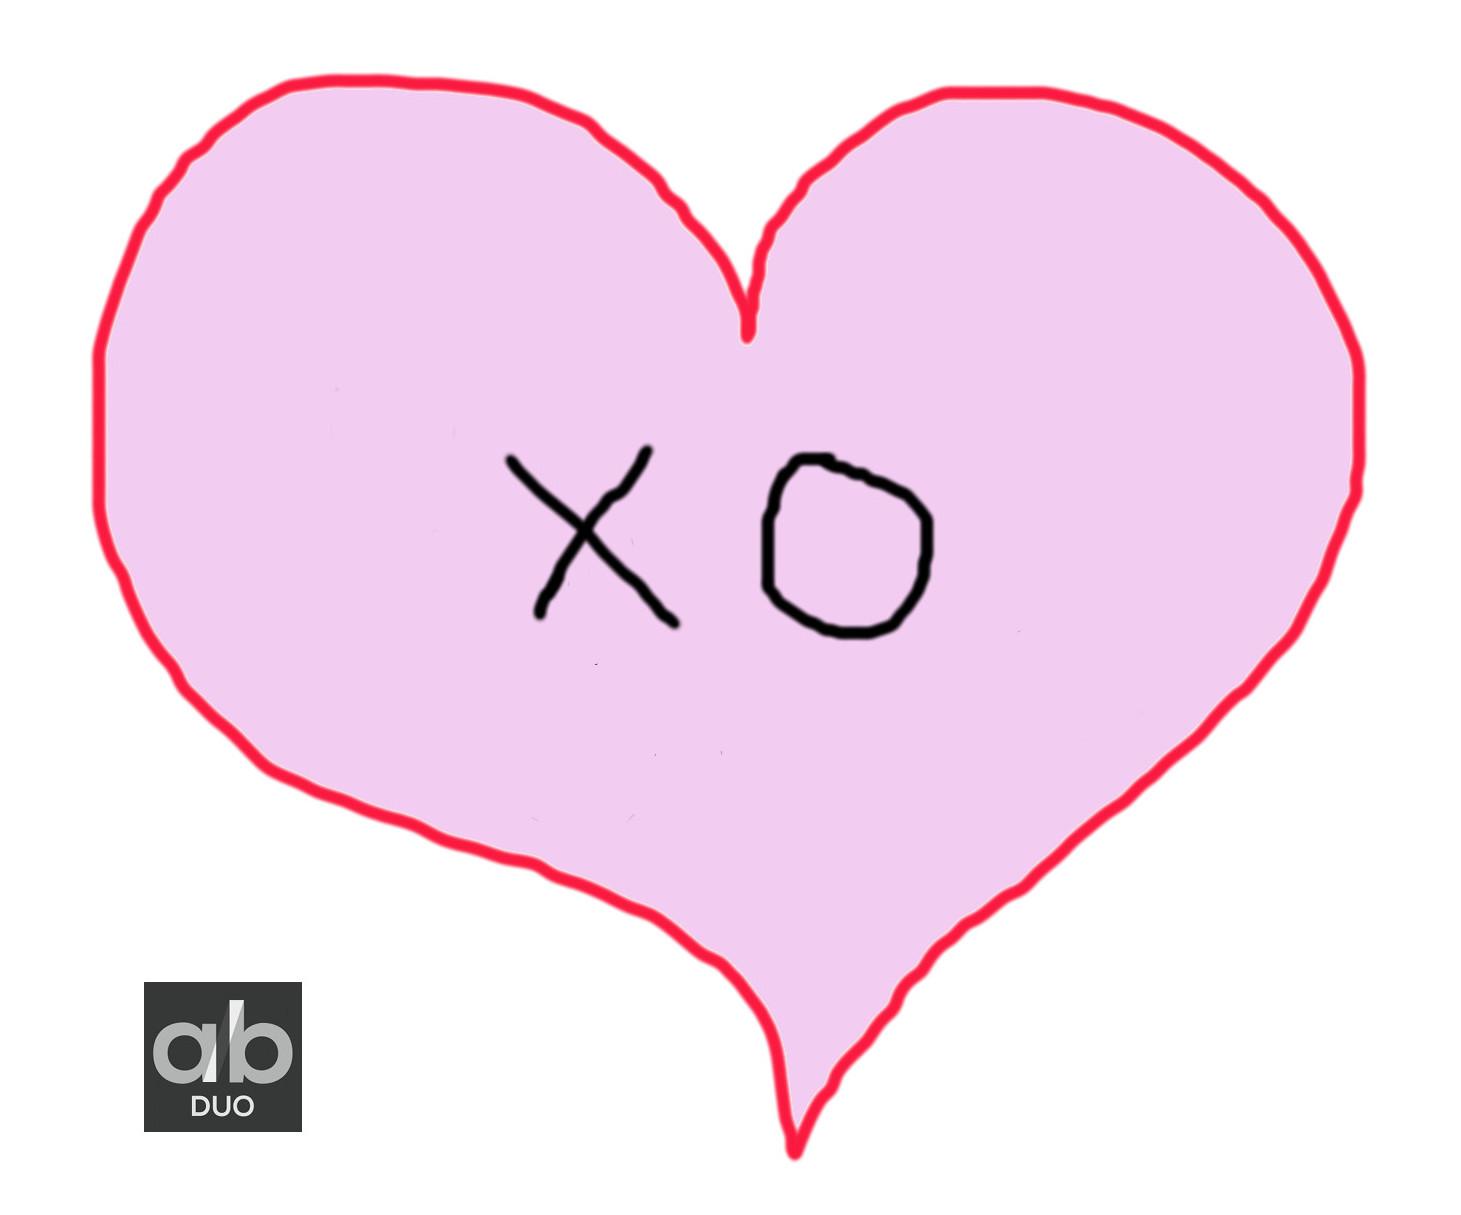 XO-web.jpg